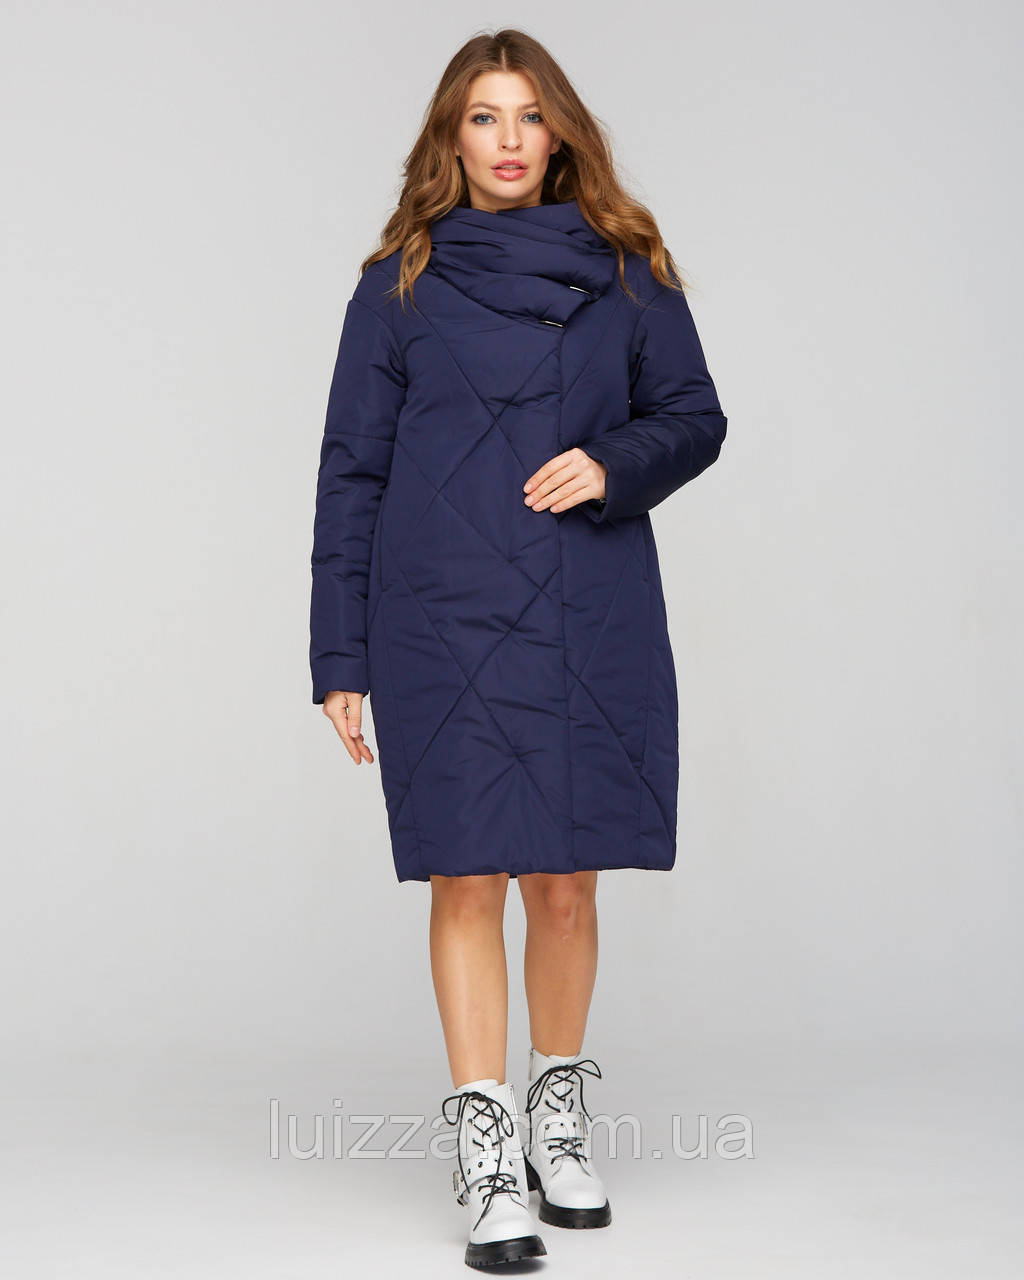 Женская демисезонная куртка назапах синяя 42-50р